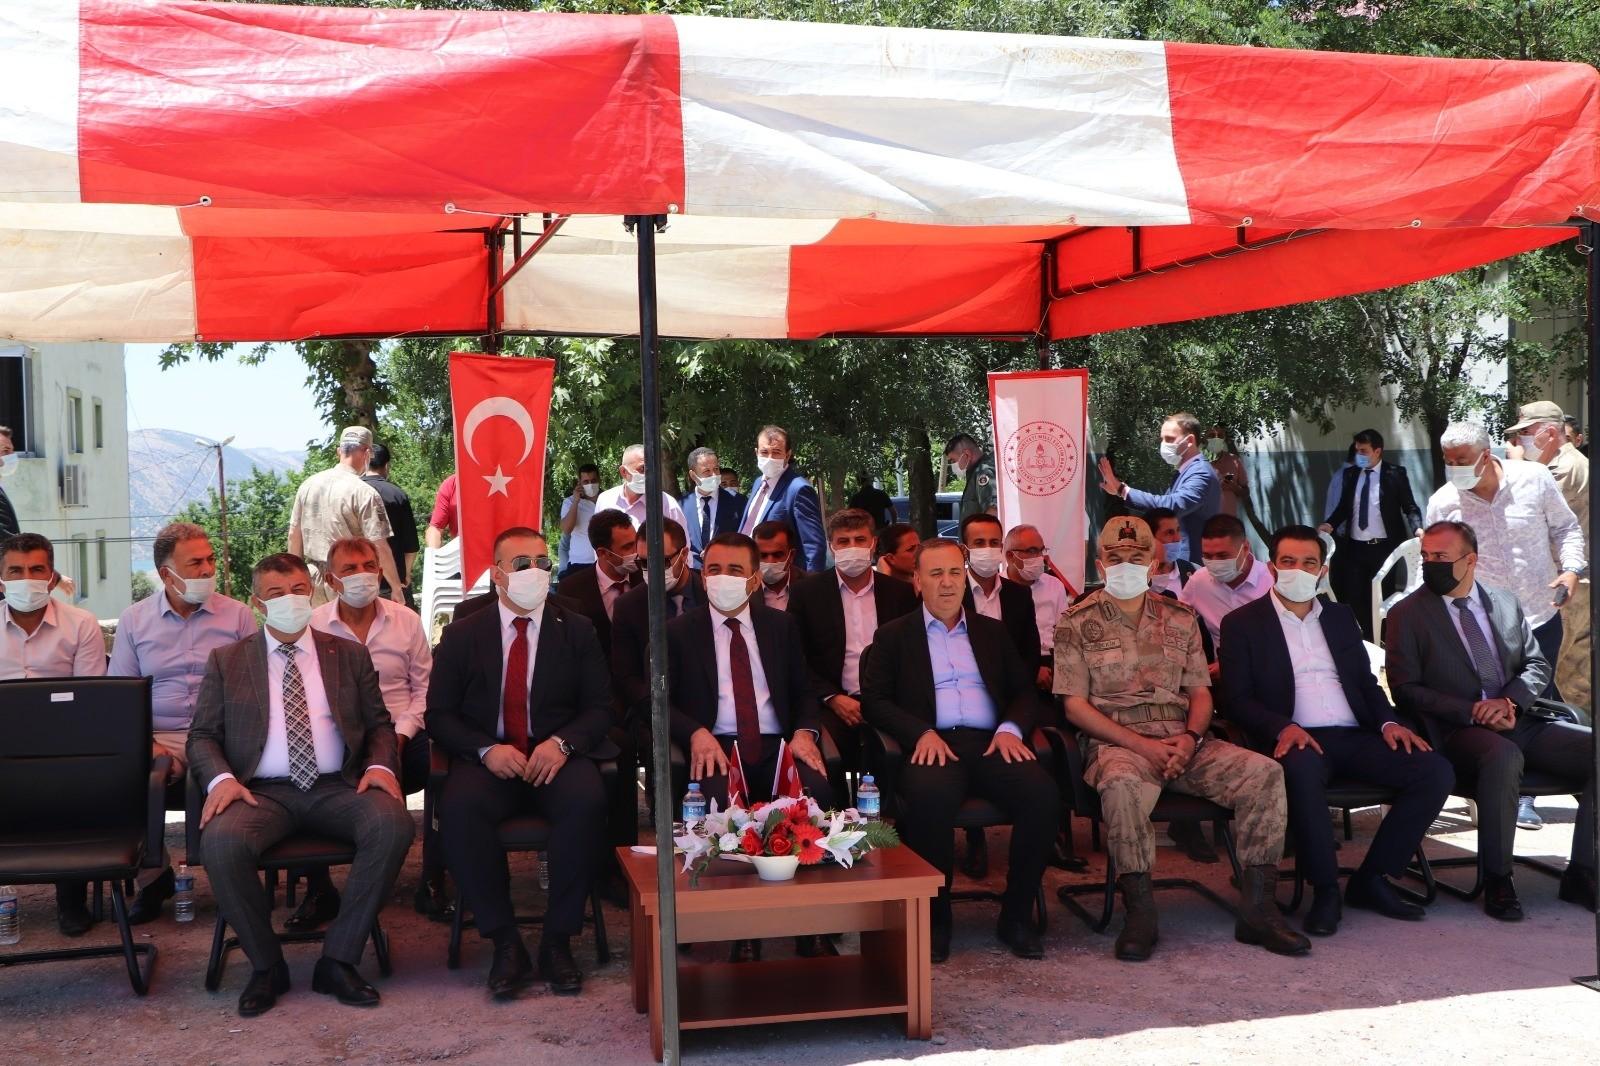 Siirt'te şehit Aktürk'ün isminin verildiği kütüphane açılışı ve okulun temeli atıldı